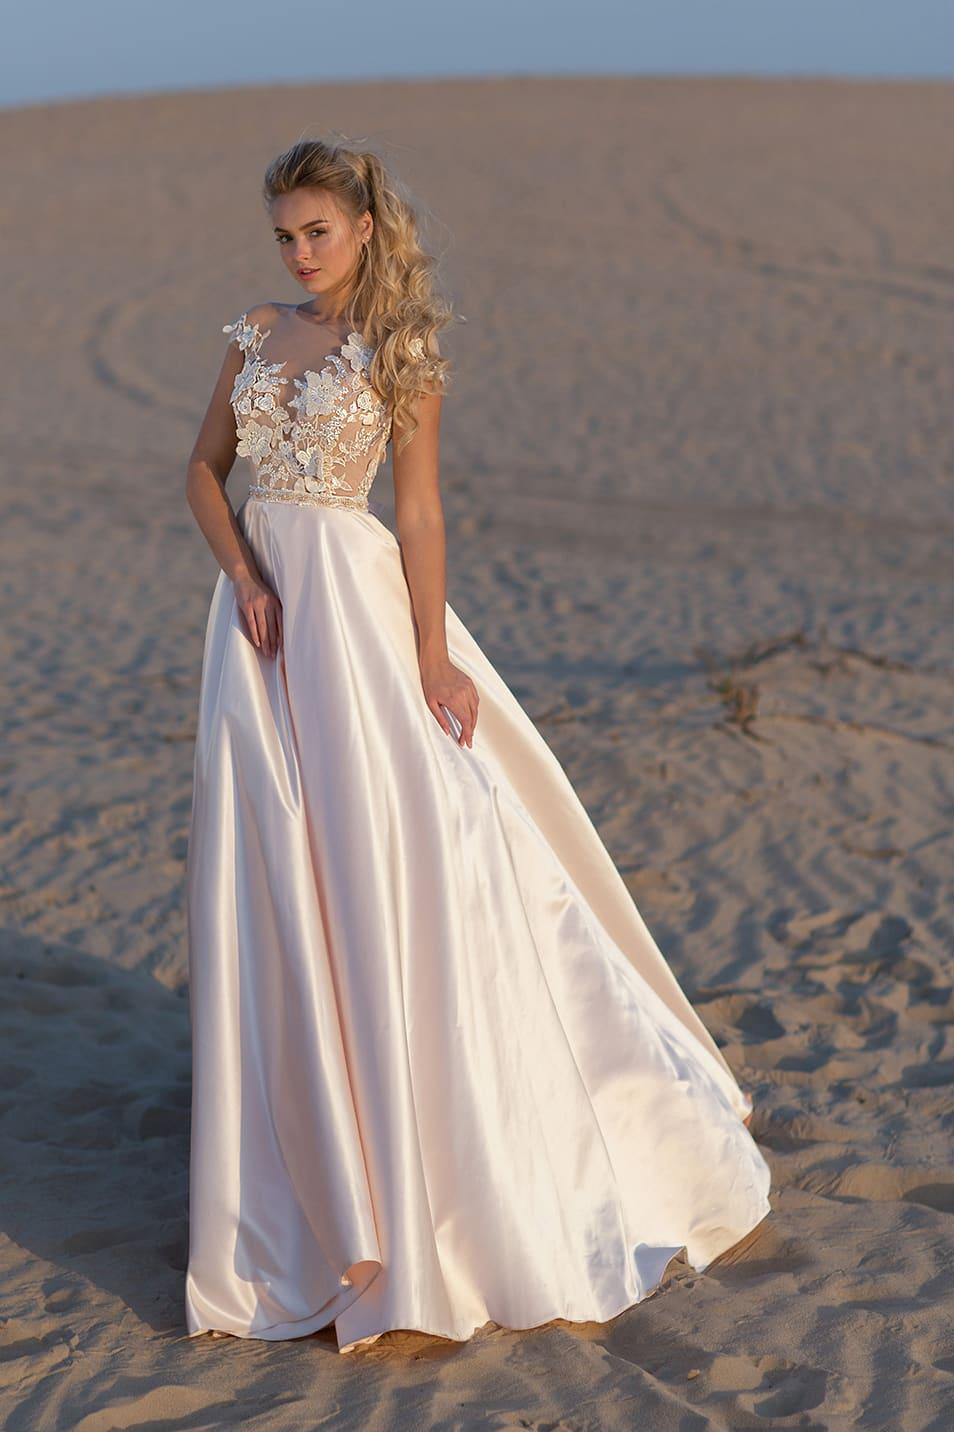 f021b304f901 Свадебное платье Valentina Gladun Mistral ▷ Свадебный Торговый ...